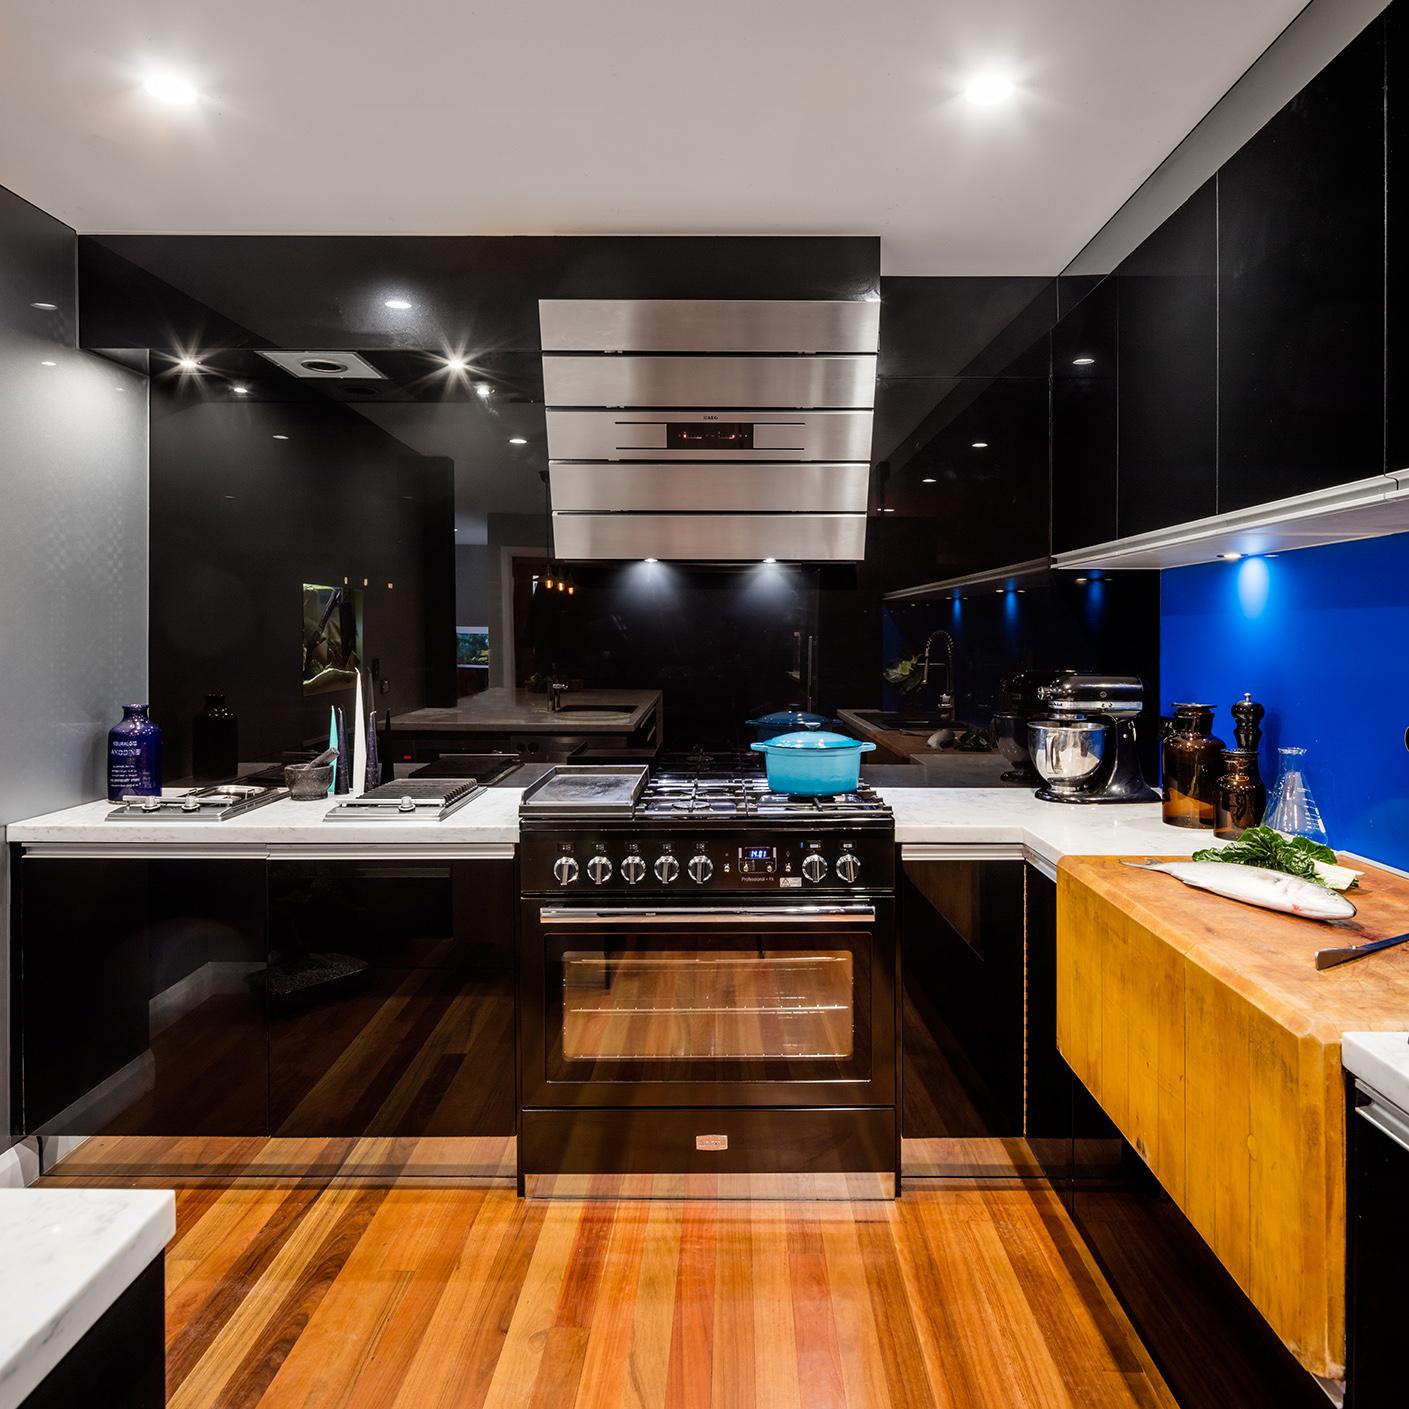 Interior-design-kitchen-photography-freedom-6.jpg